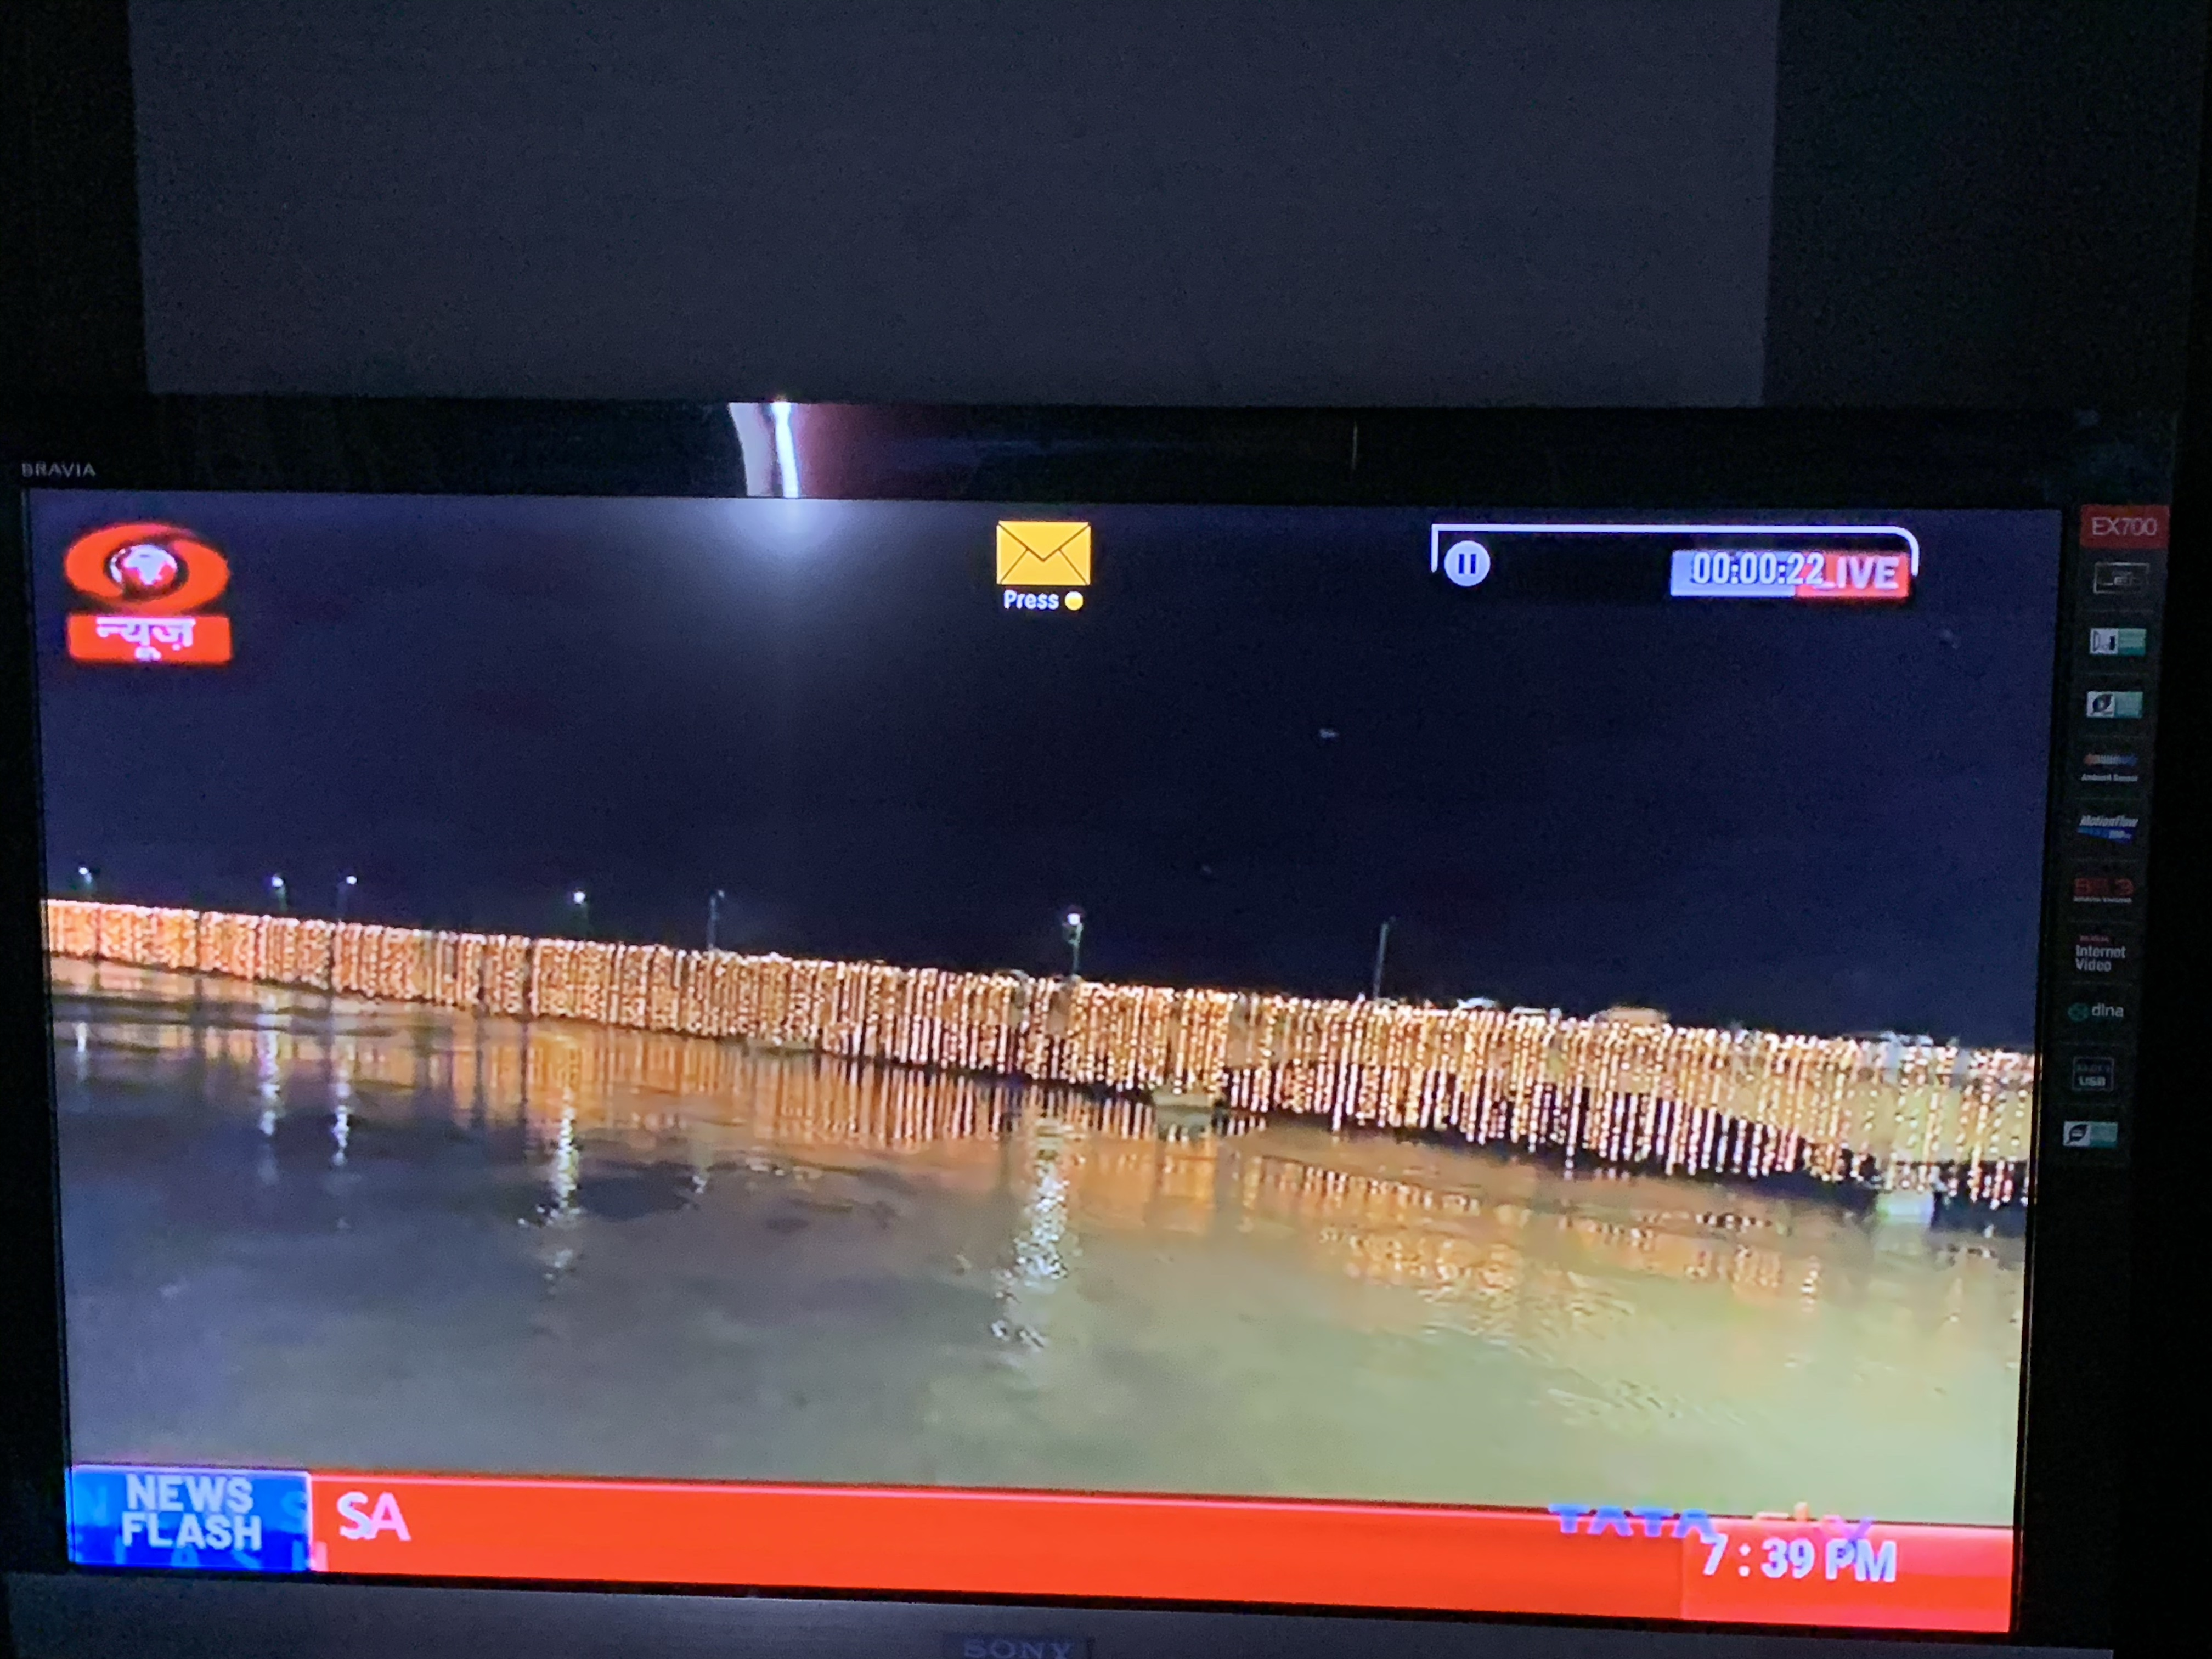 Yes - Jai Shri Ram